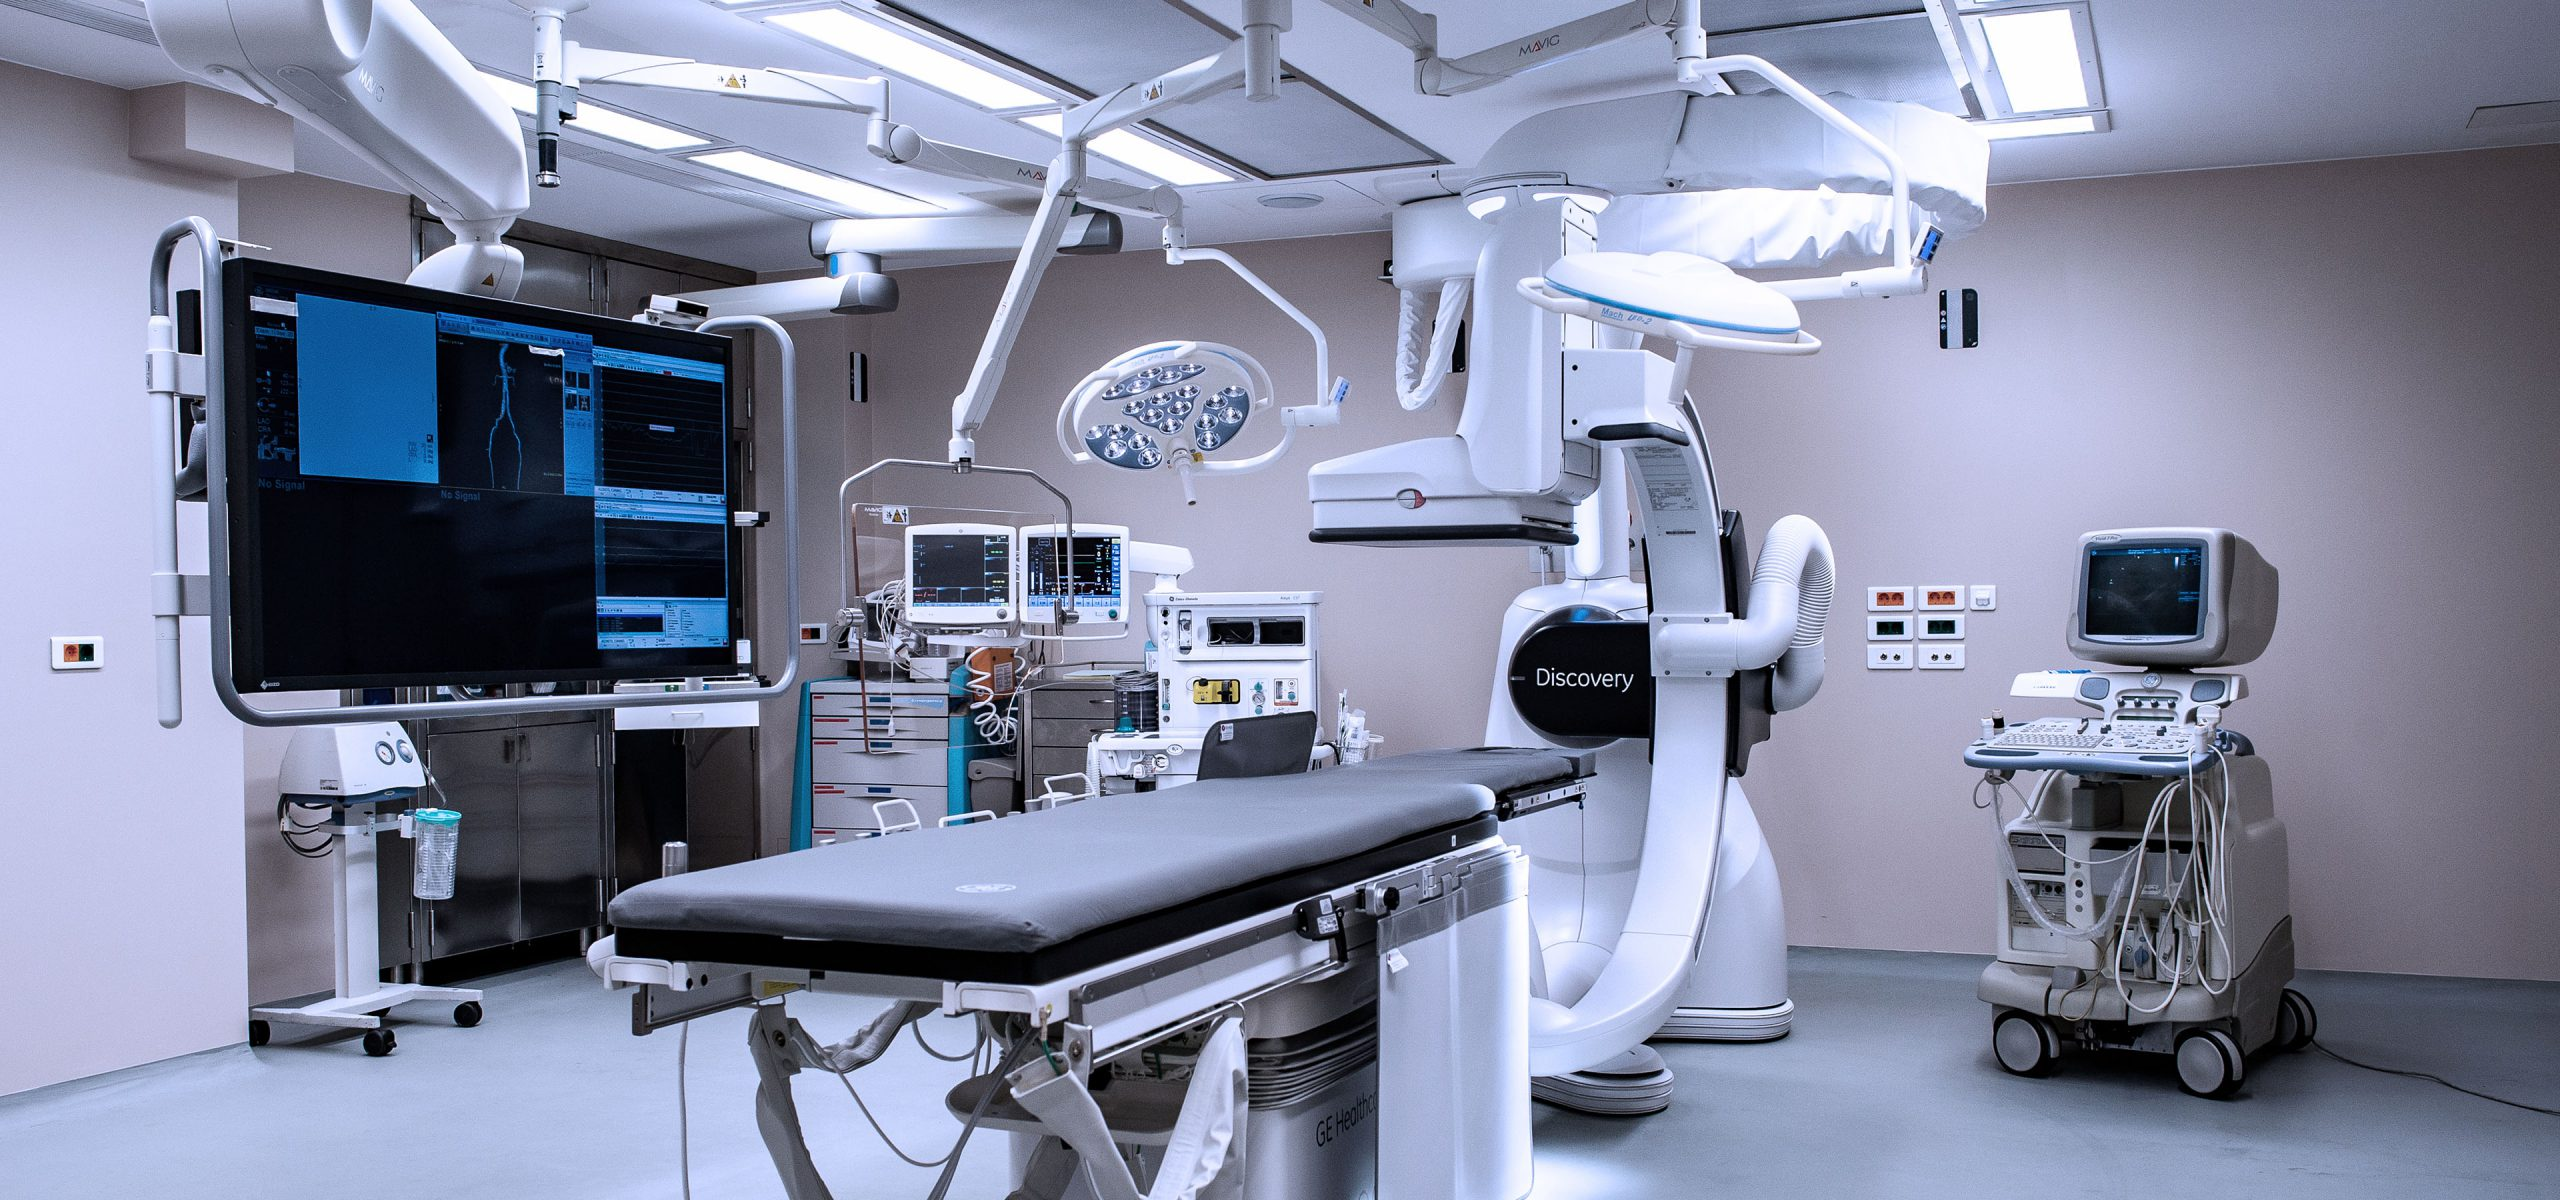 Υβριδικό χειρουργείο Ιατρικού κέντρου Αθηνών